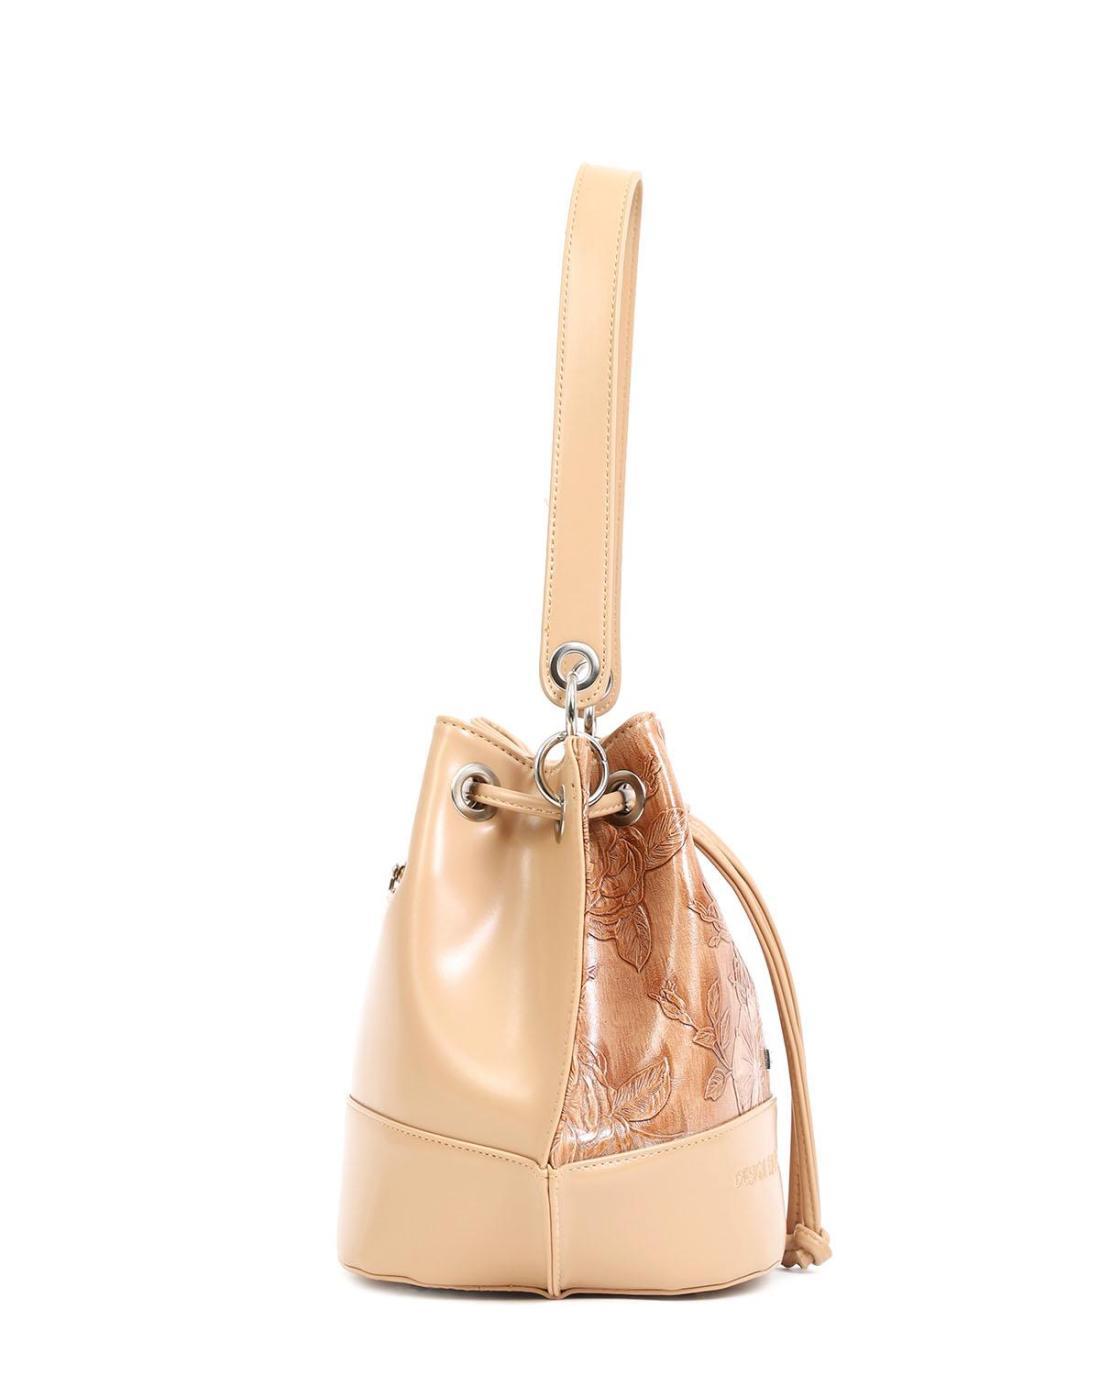 Καθημερινή τσάντα χειρός κάμελ